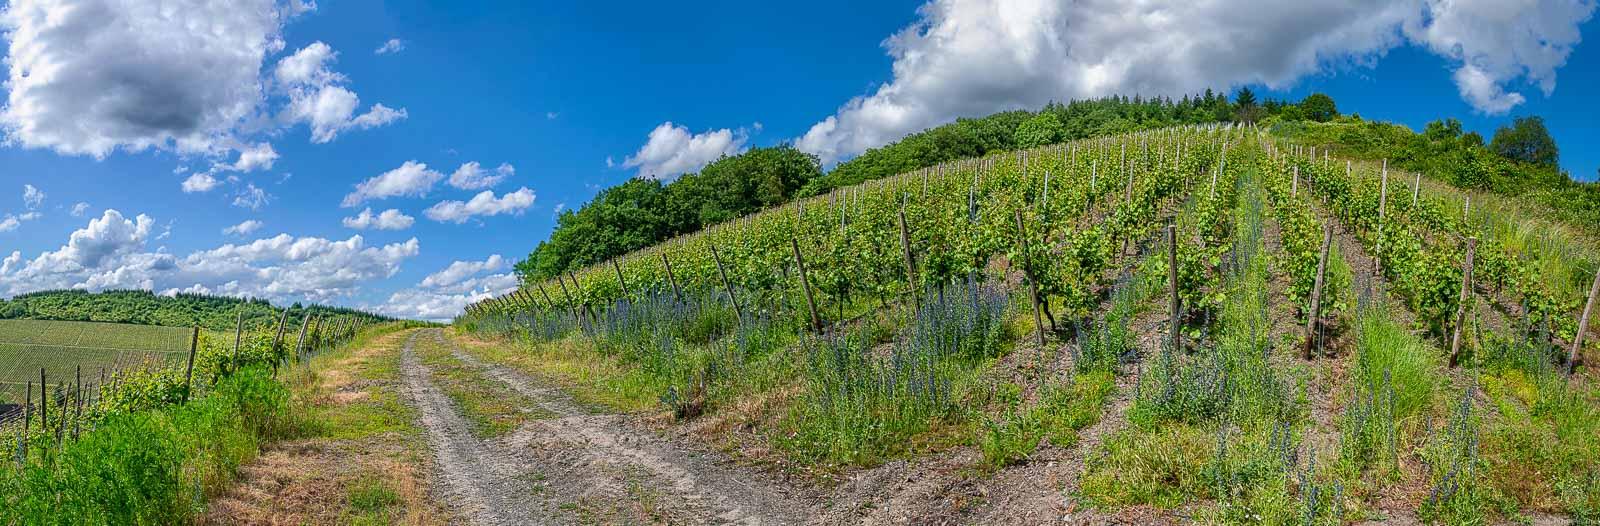 Der Kaseler Kehrnagel ist ein steiler Weinberg, der einem einen Ausblick auf den Ort Kasel ermöglicht. Der Himmel ist blau und teilweise bewölkt.